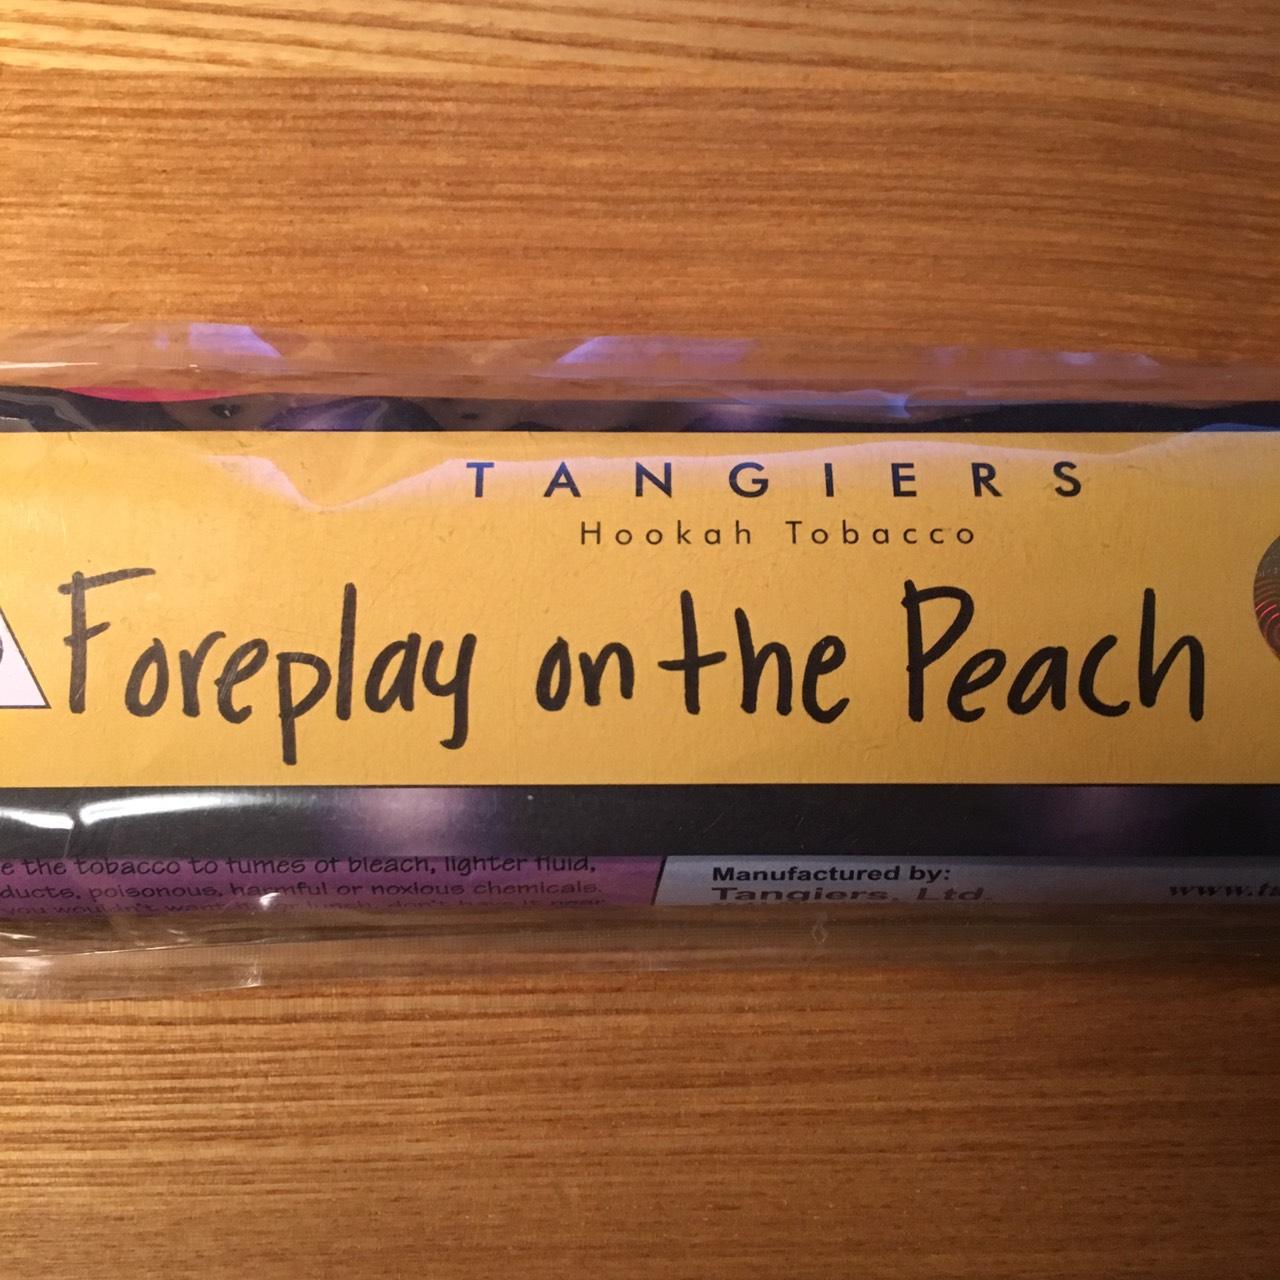 Tangiers Noir / Foreplay on the Peach(無難に良く出来たPeach系を、Apricot系に似た香りで微かにアクセント付けした感じ)